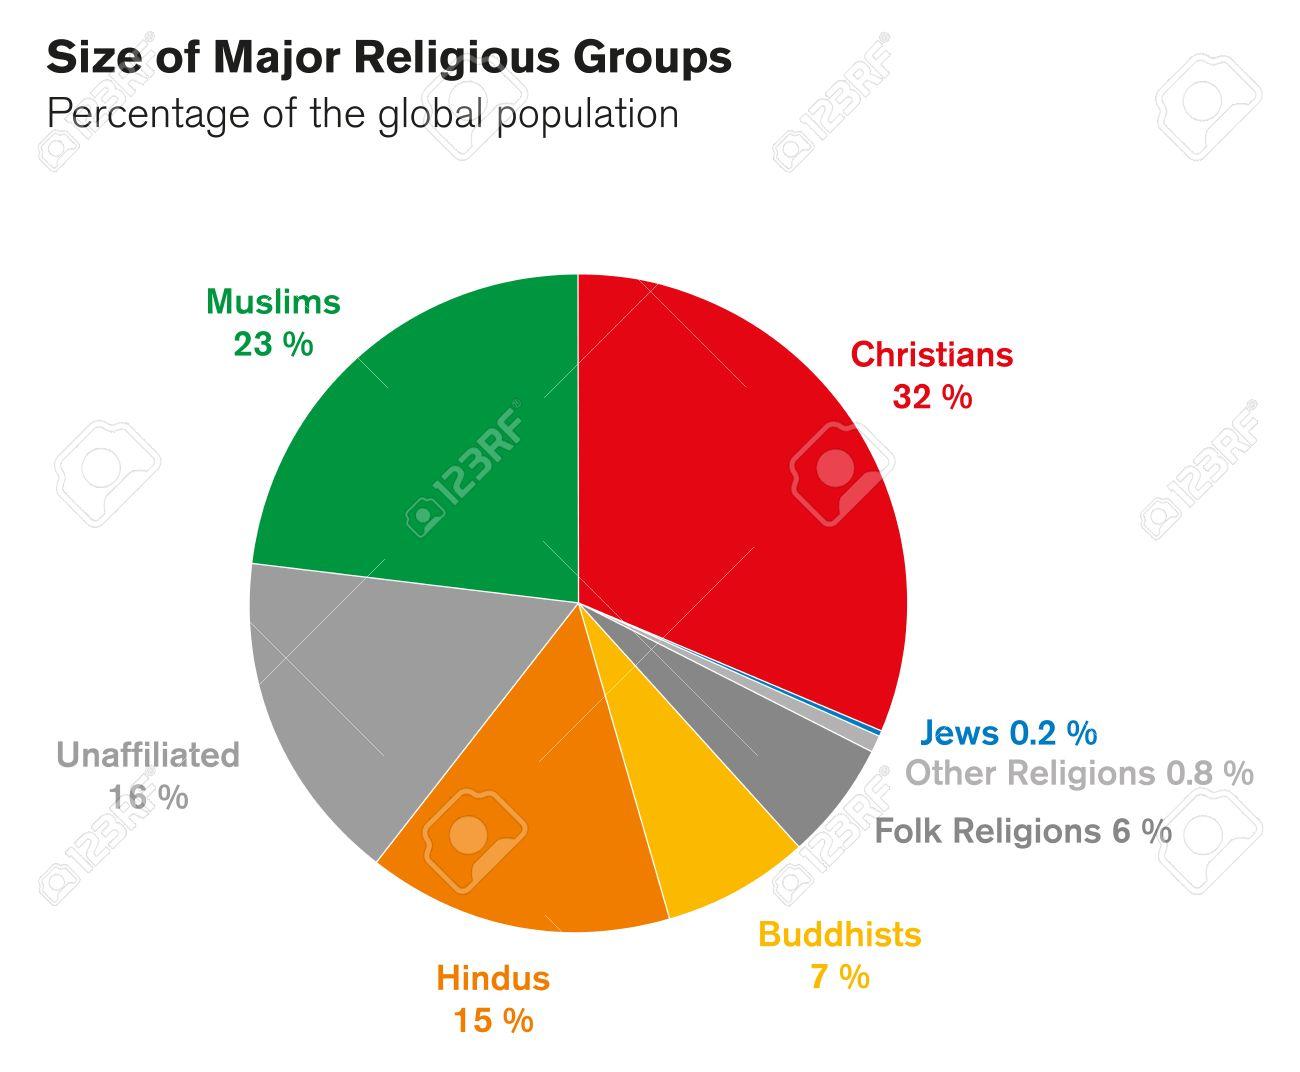 Die gren der groen religisen gruppen kuchendiagramm die gren der groen religisen gruppen kuchendiagramm prozentualer anteil der weltbevlkerung weltreligionen ccuart Images